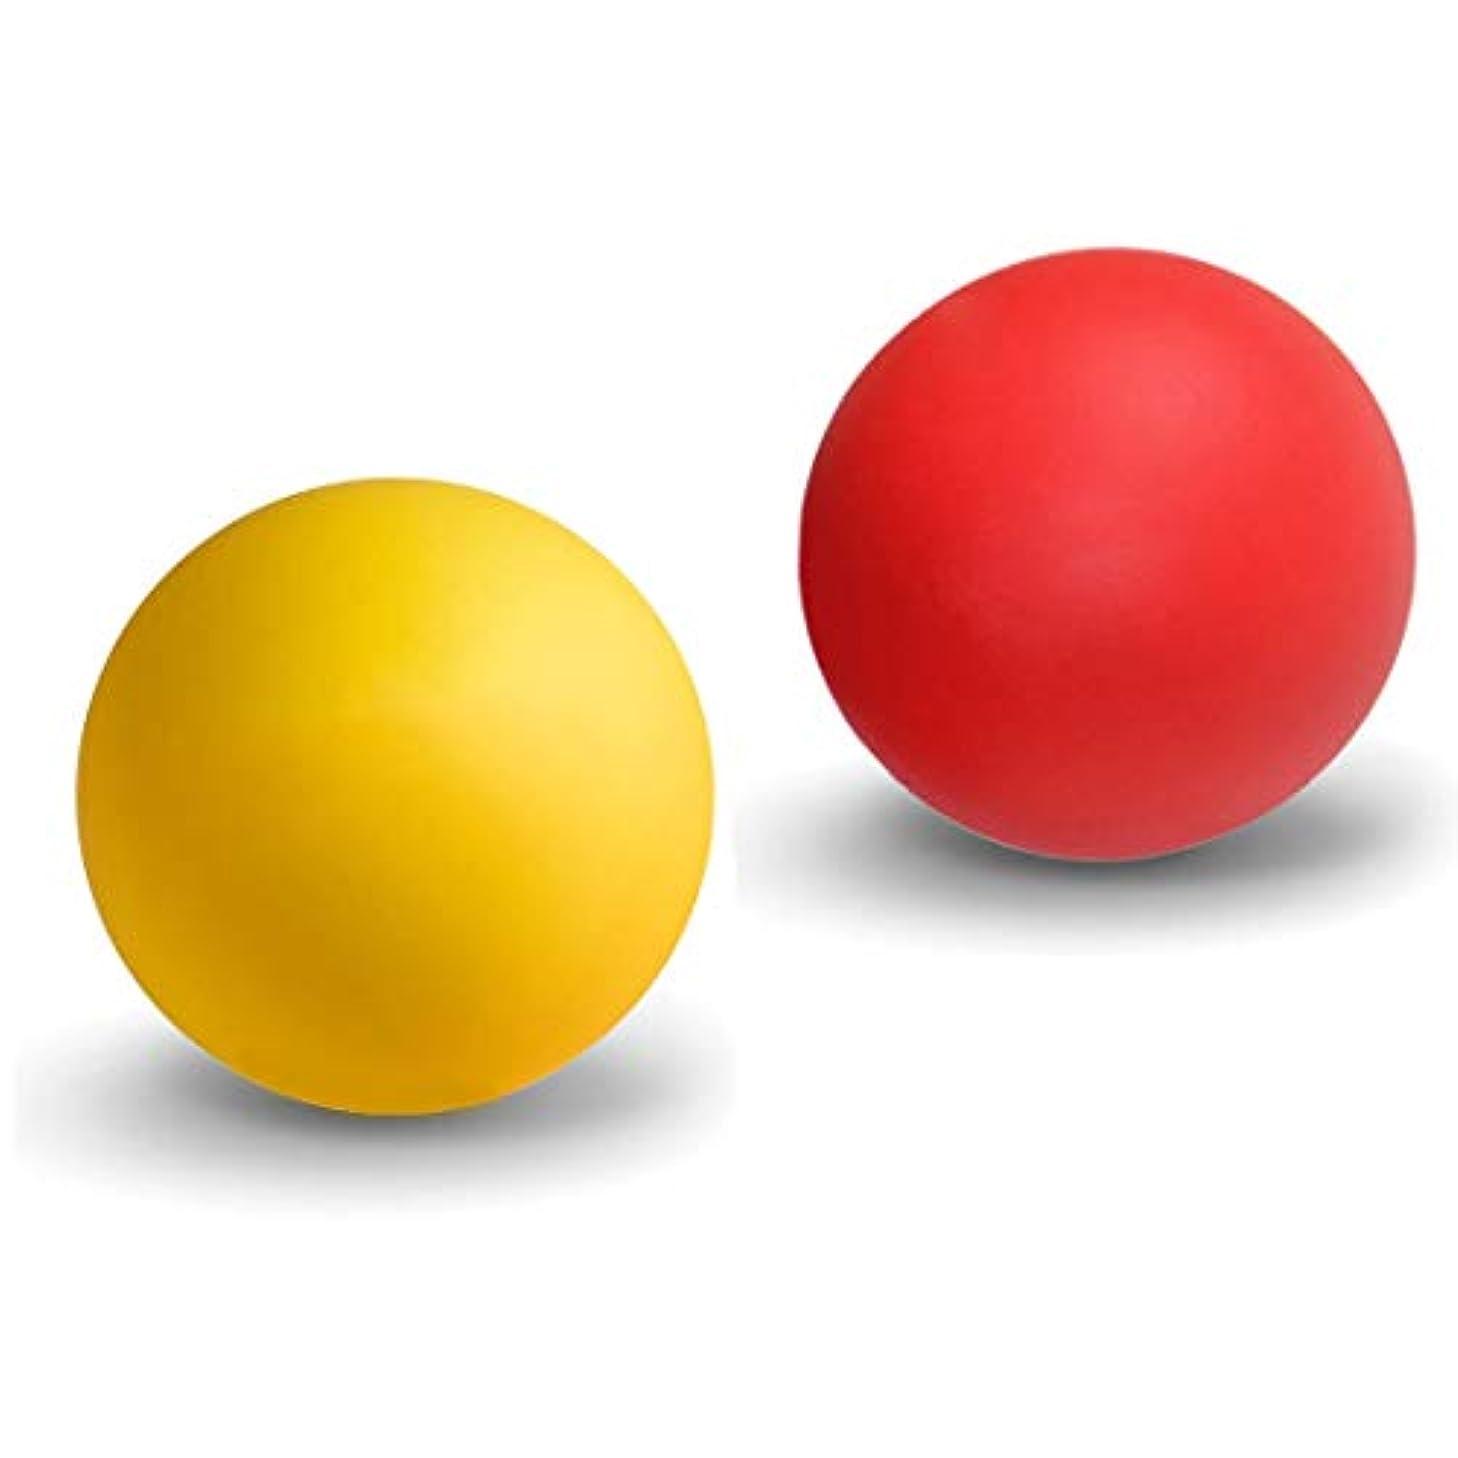 人道的モジュール補正マッサージボール ストレッチボール トリガーポイント ラクロスボール 筋膜リリース トレーニング 指圧ボールマッスルマッサージボール 背中 肩こり 腰 ふくらはぎ 足裏 ツボ押しグッズ 2で1組み合わせ 2個 セット